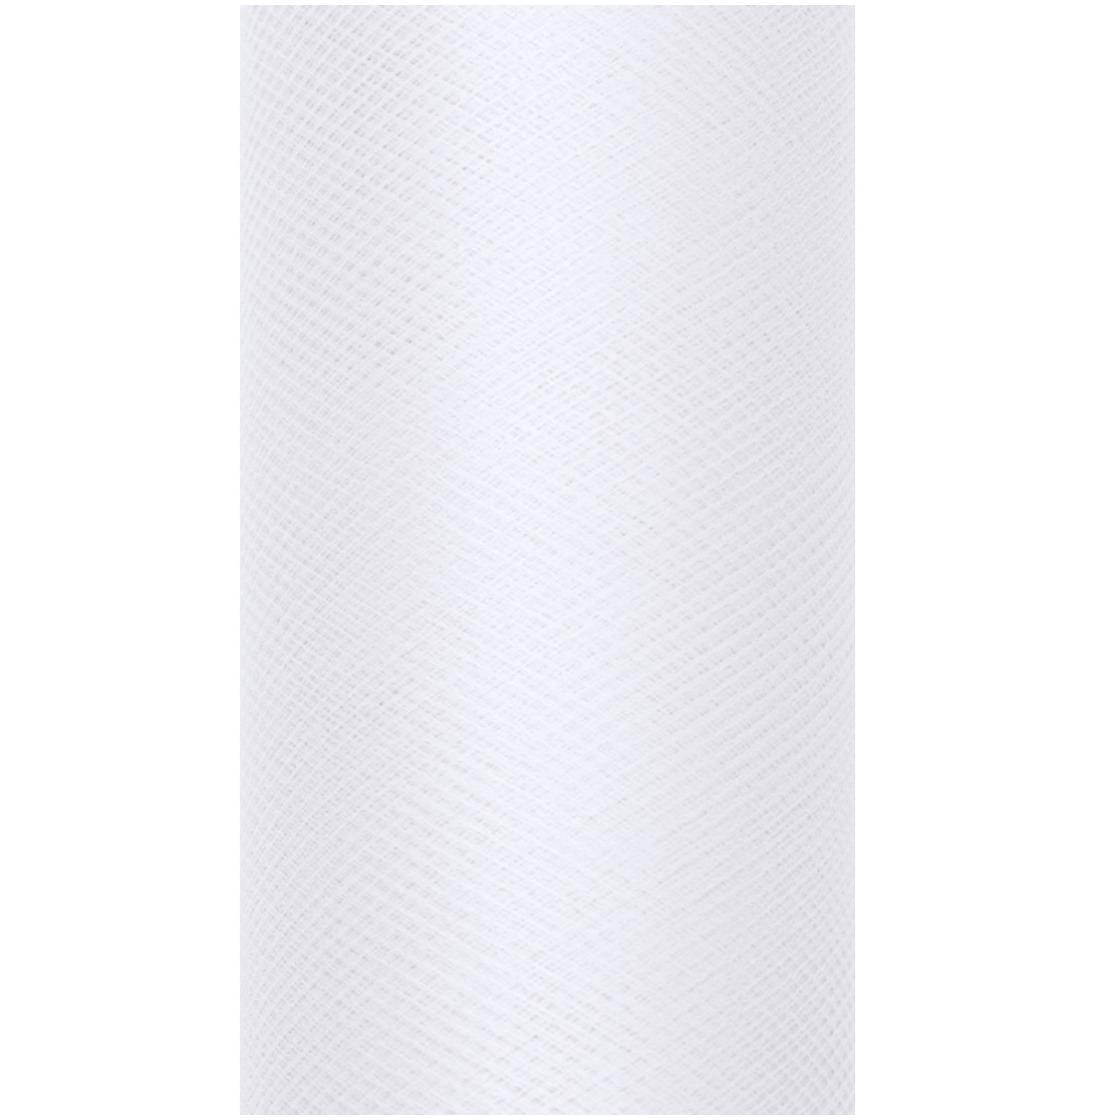 1x Hobby-decoratie witte tule stof op rol 15 cm x 9 meter